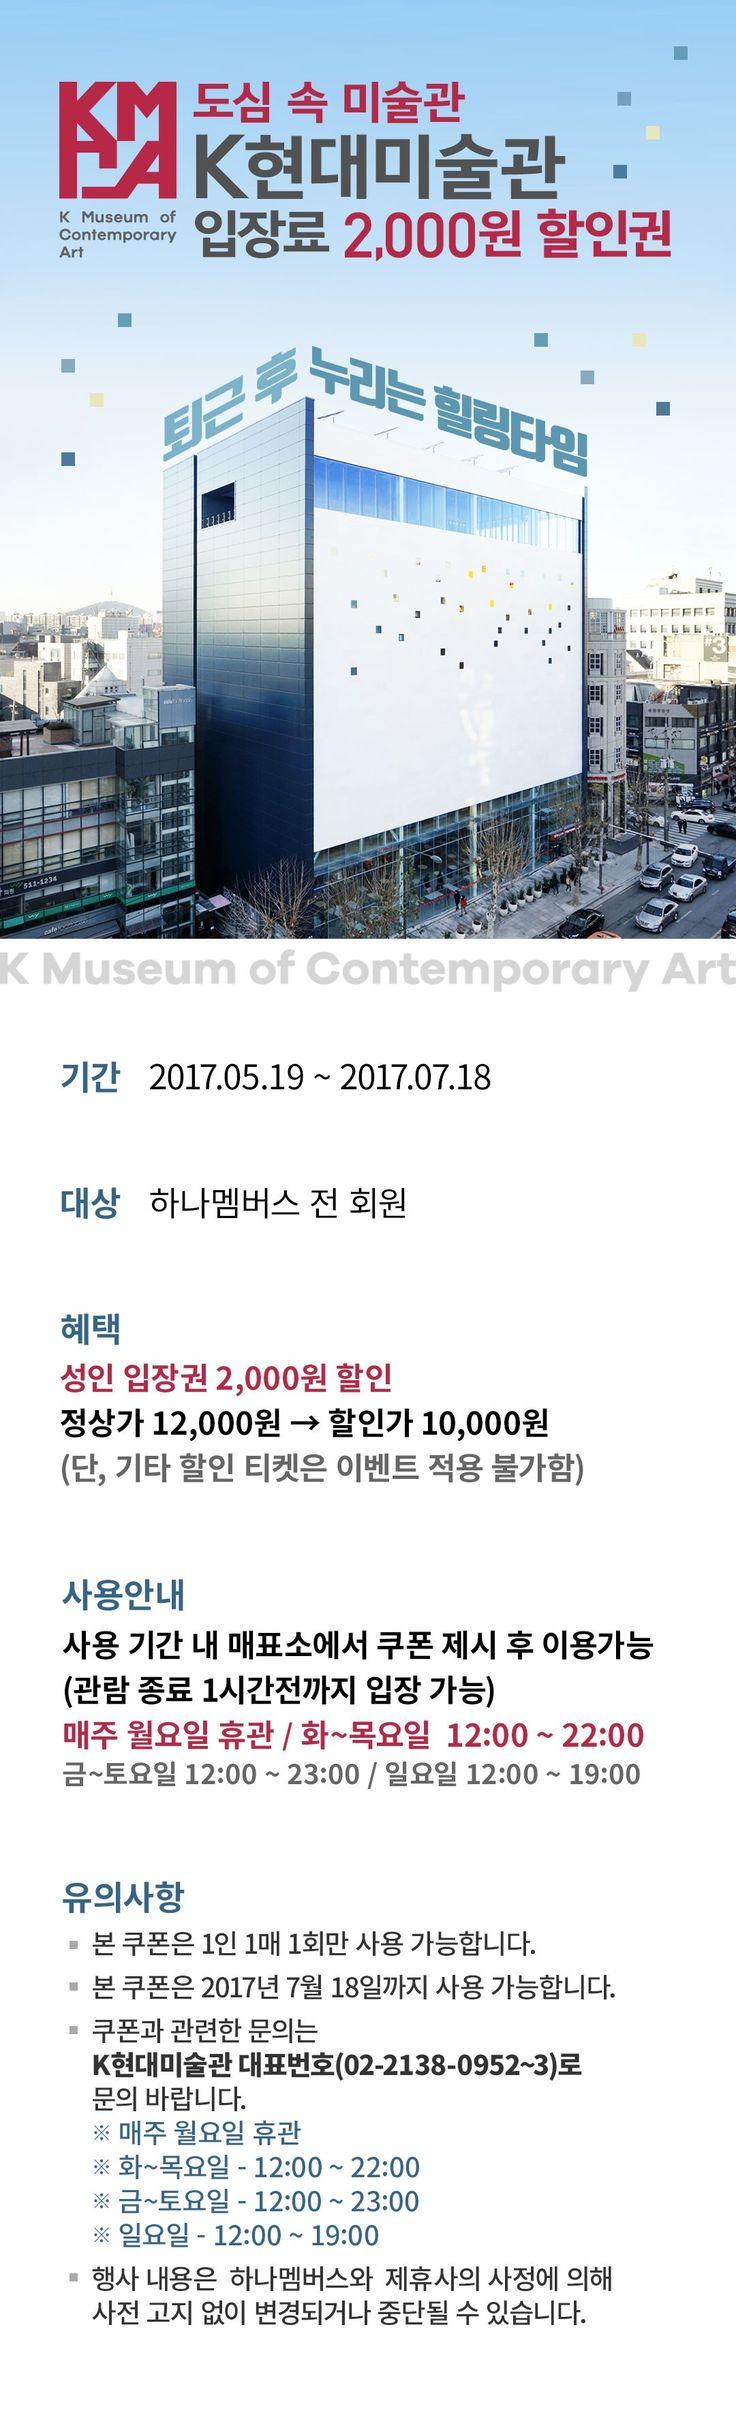 하나멤버스 K현대미술관 이벤트